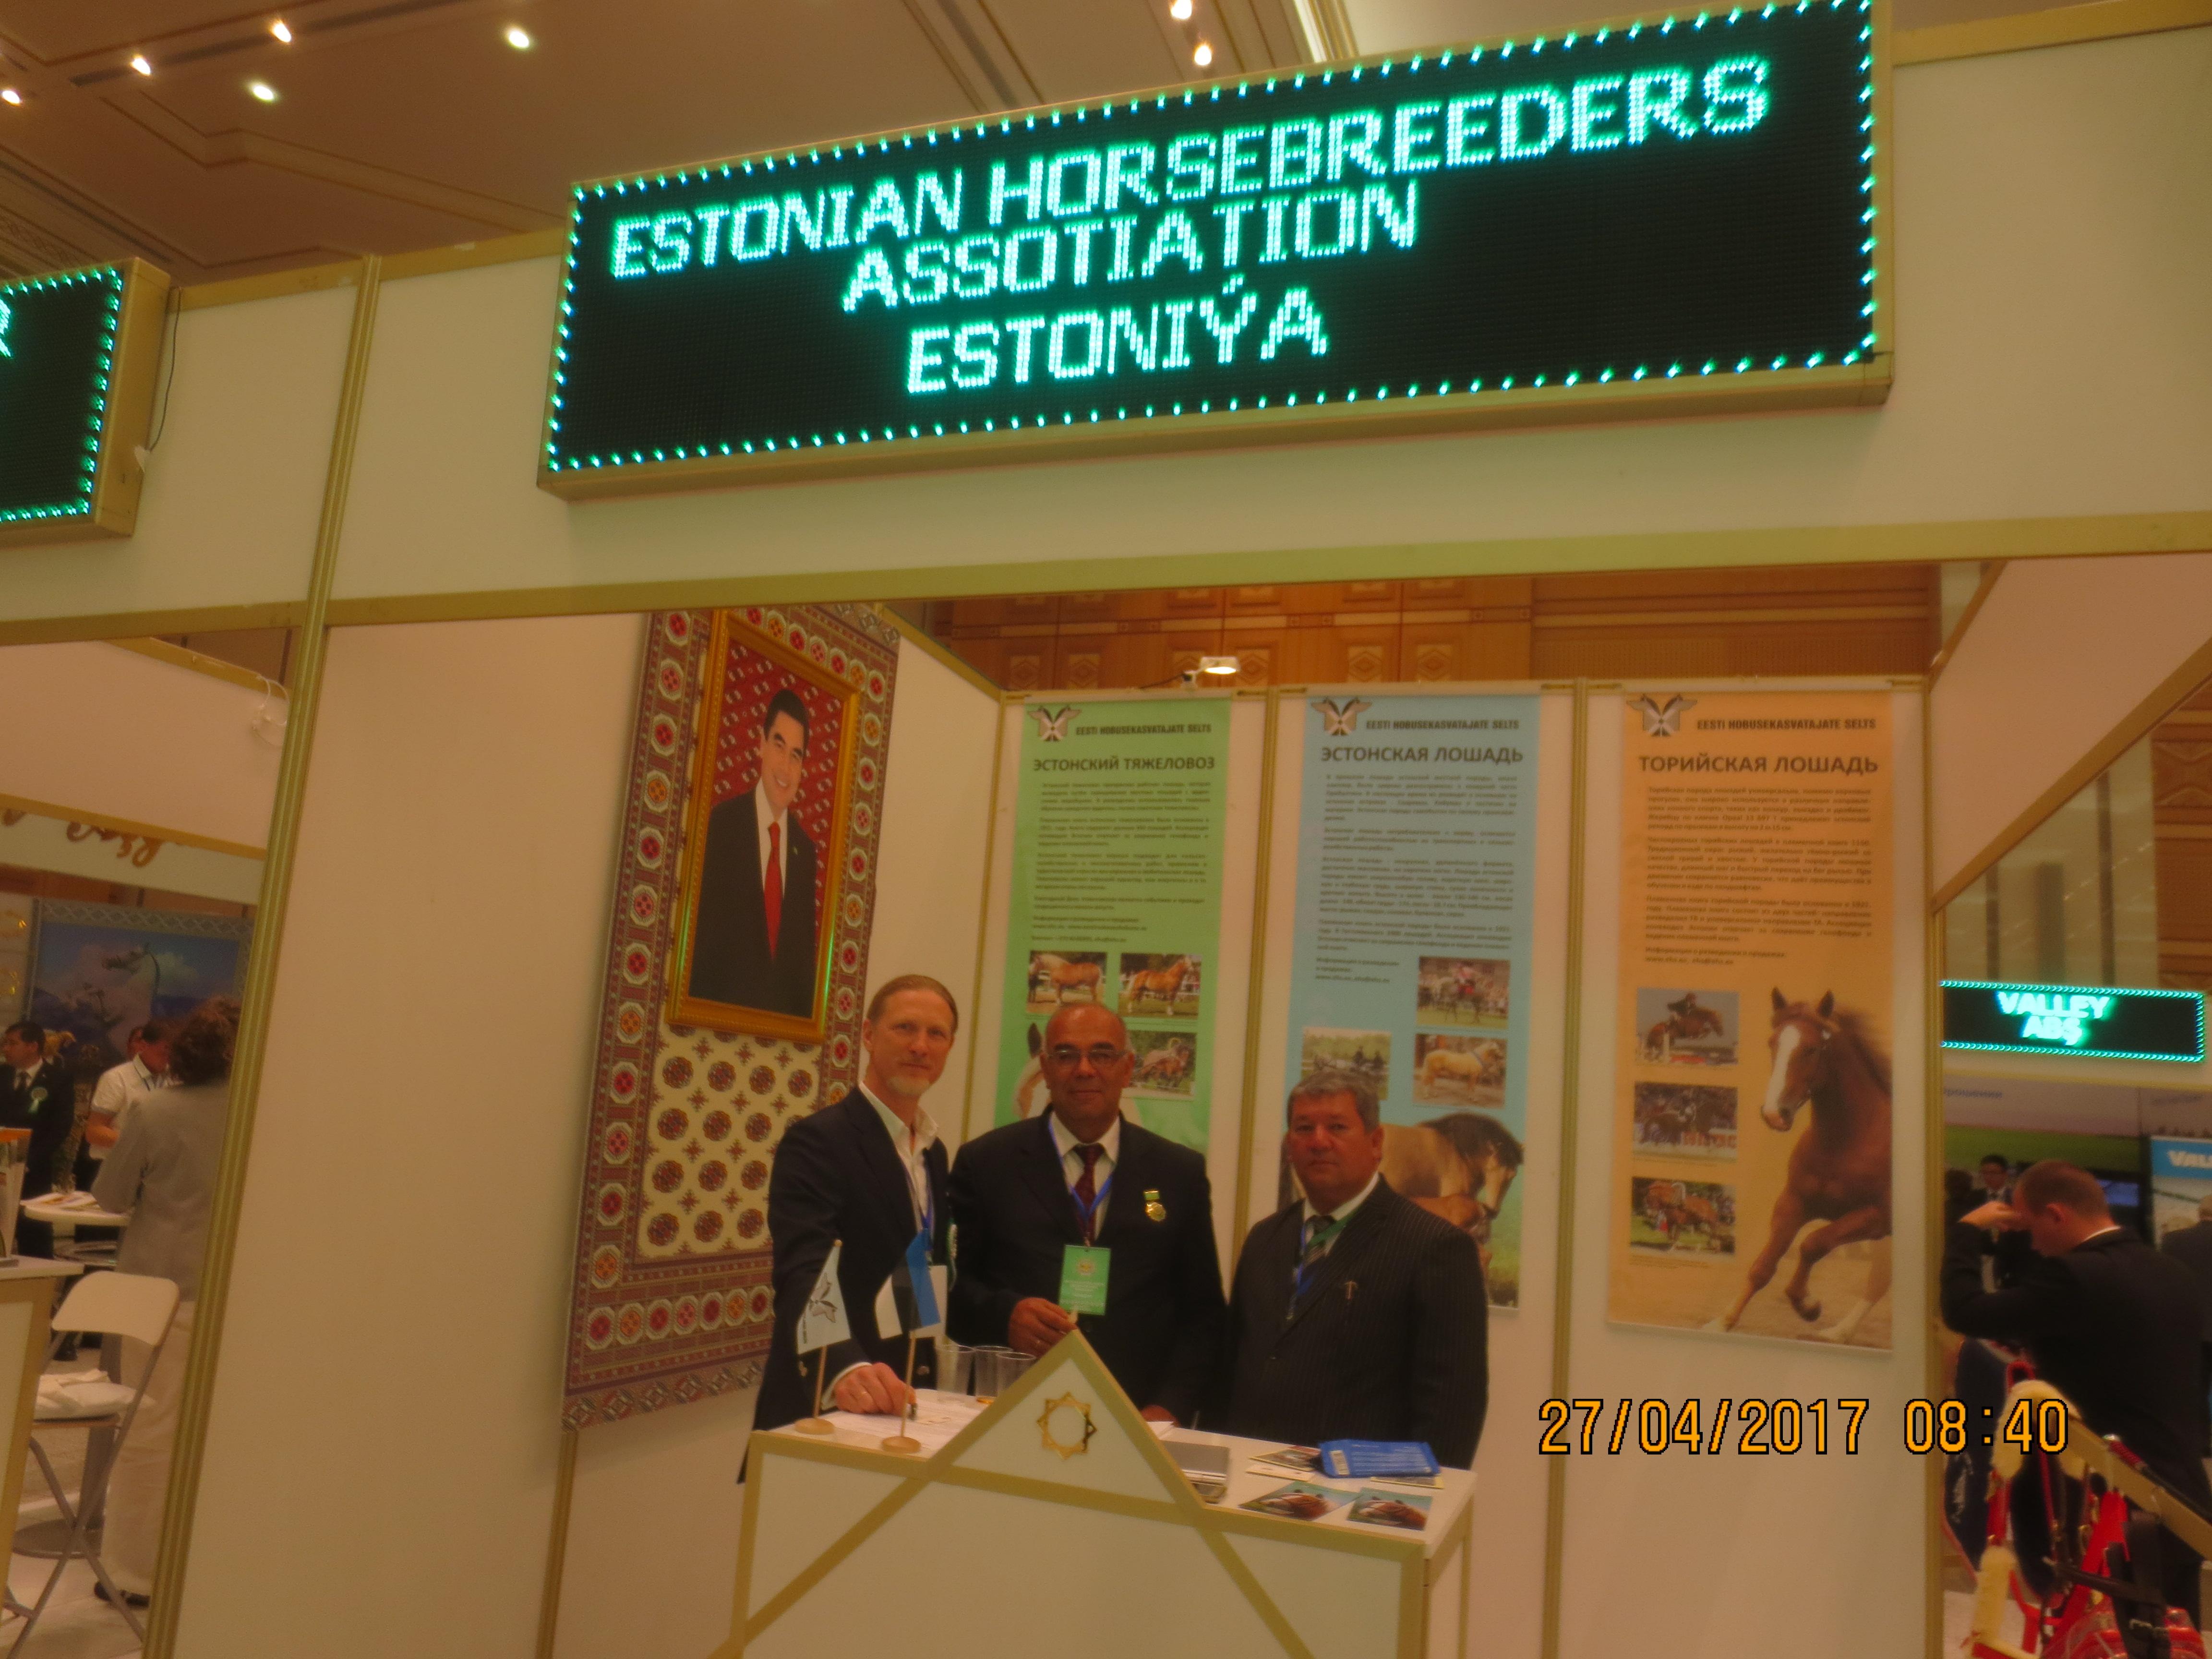 37fd9c1aa39 Meie boksis koos hobusekasvatajatega Kasastanist ja Usbekistanist.